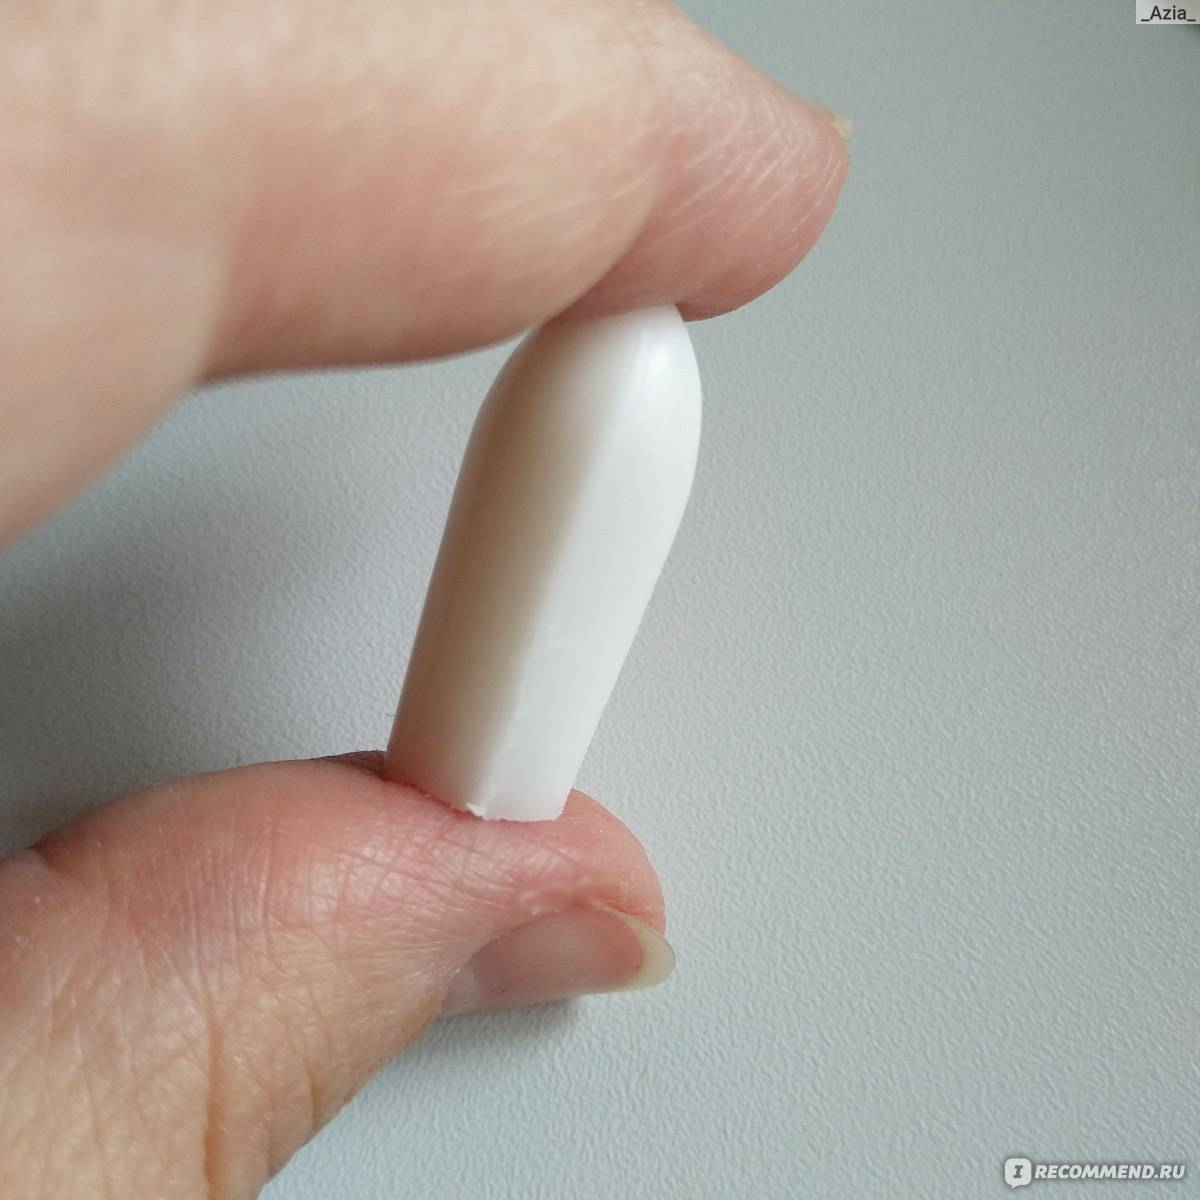 Как вводить свечи в прямую кишку. как вводить вагинальные свечи